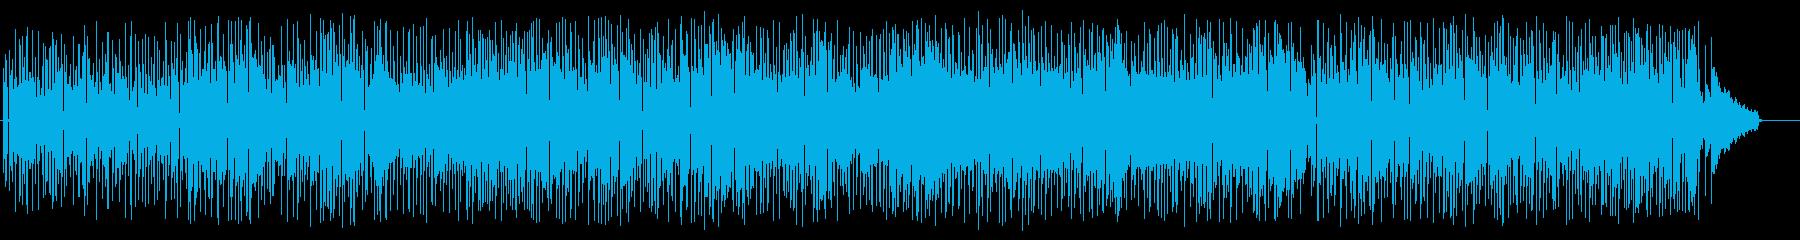 夜の雰囲気のフュージョンミュージックの再生済みの波形